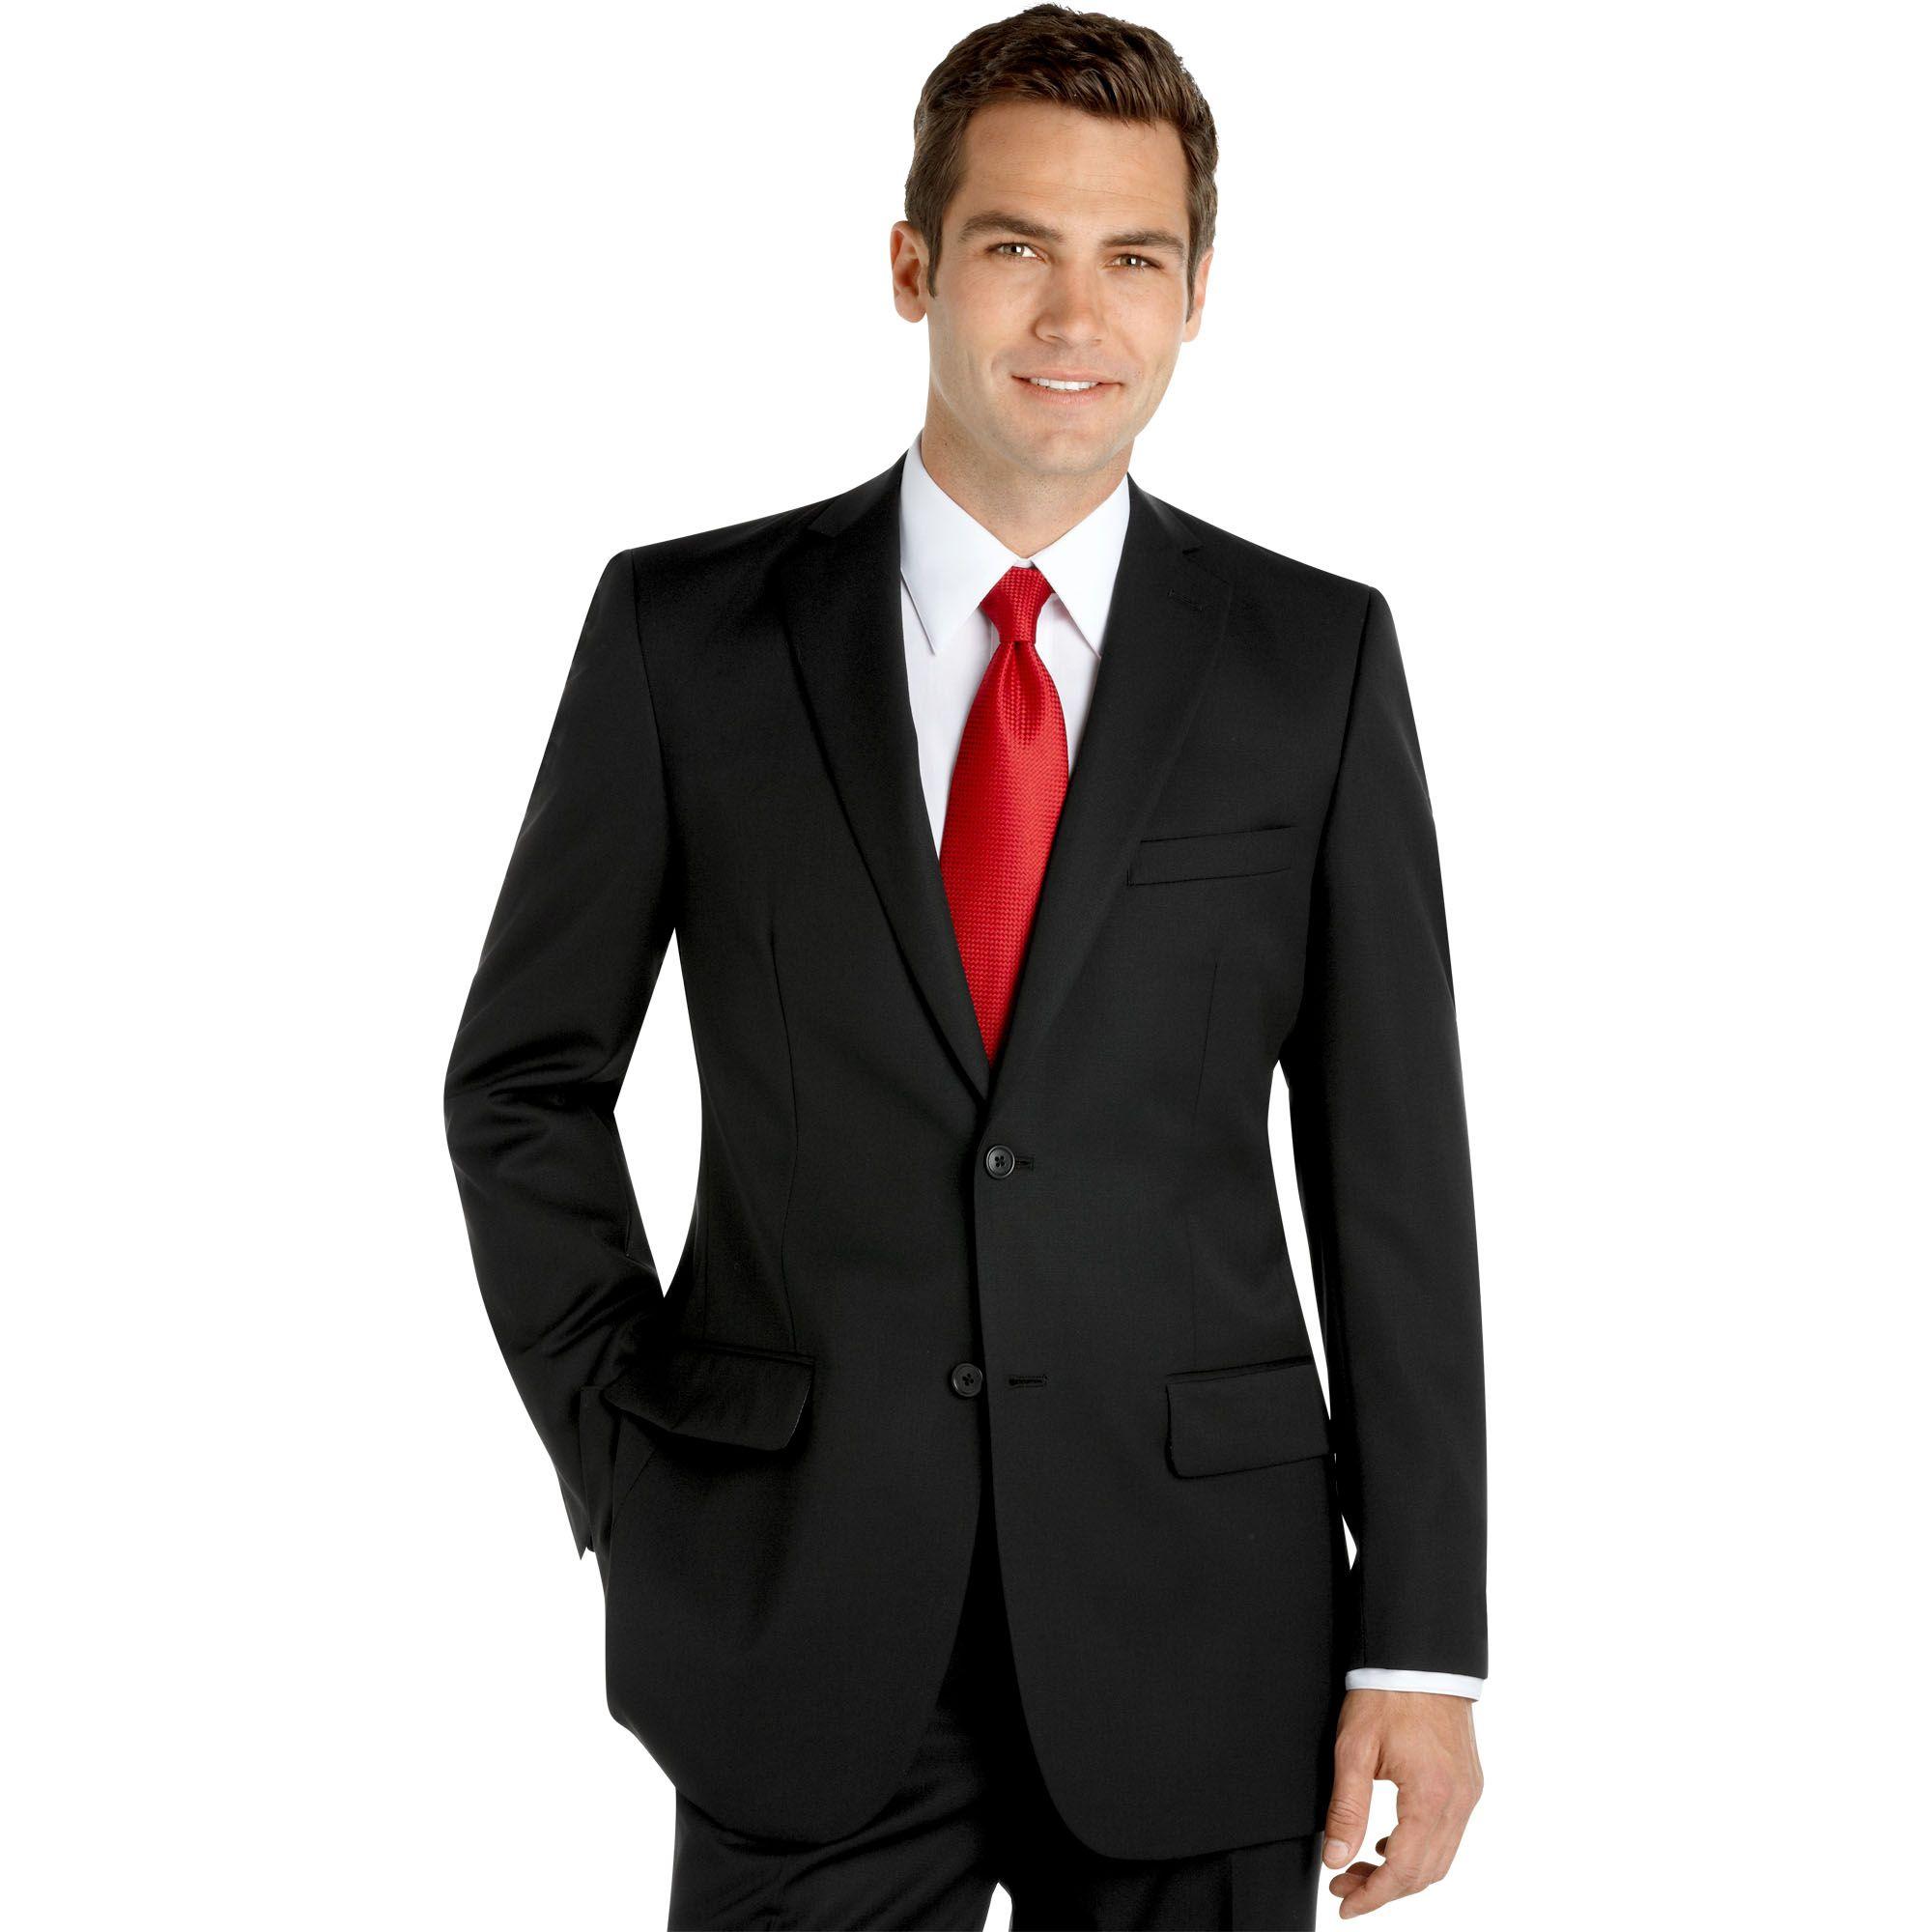 Traje negro y corbata roja es símbolo de autoridad. Es recomendable para  los hombres de negocios. 51a4f7db617